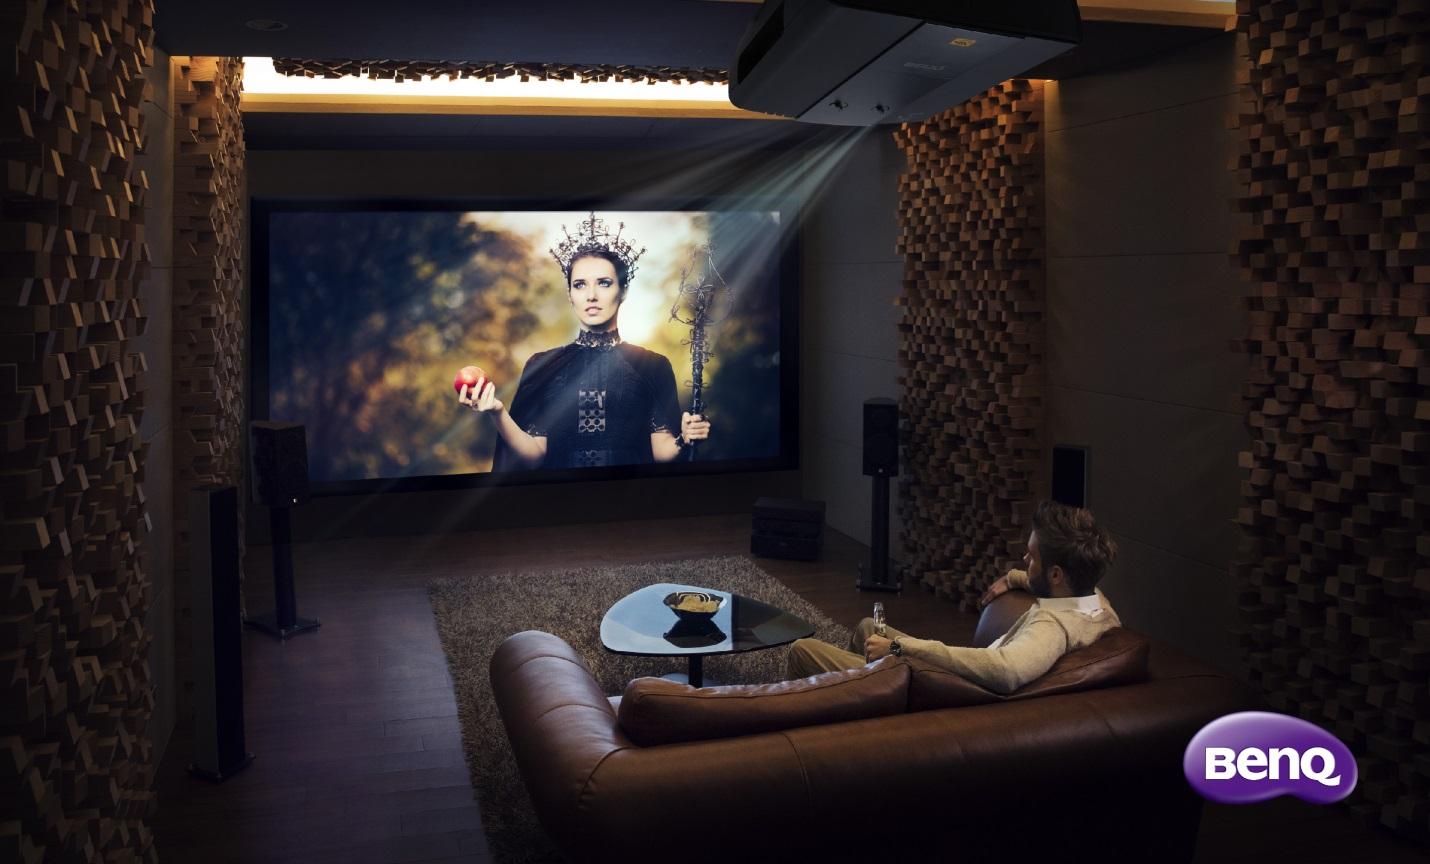 Photo of BenQ este Nr. 1 pe piaţa de videoproiectoare din România, cu cele mai multe unităţi vândute în trimestrul patru și pe întreg anul 2016